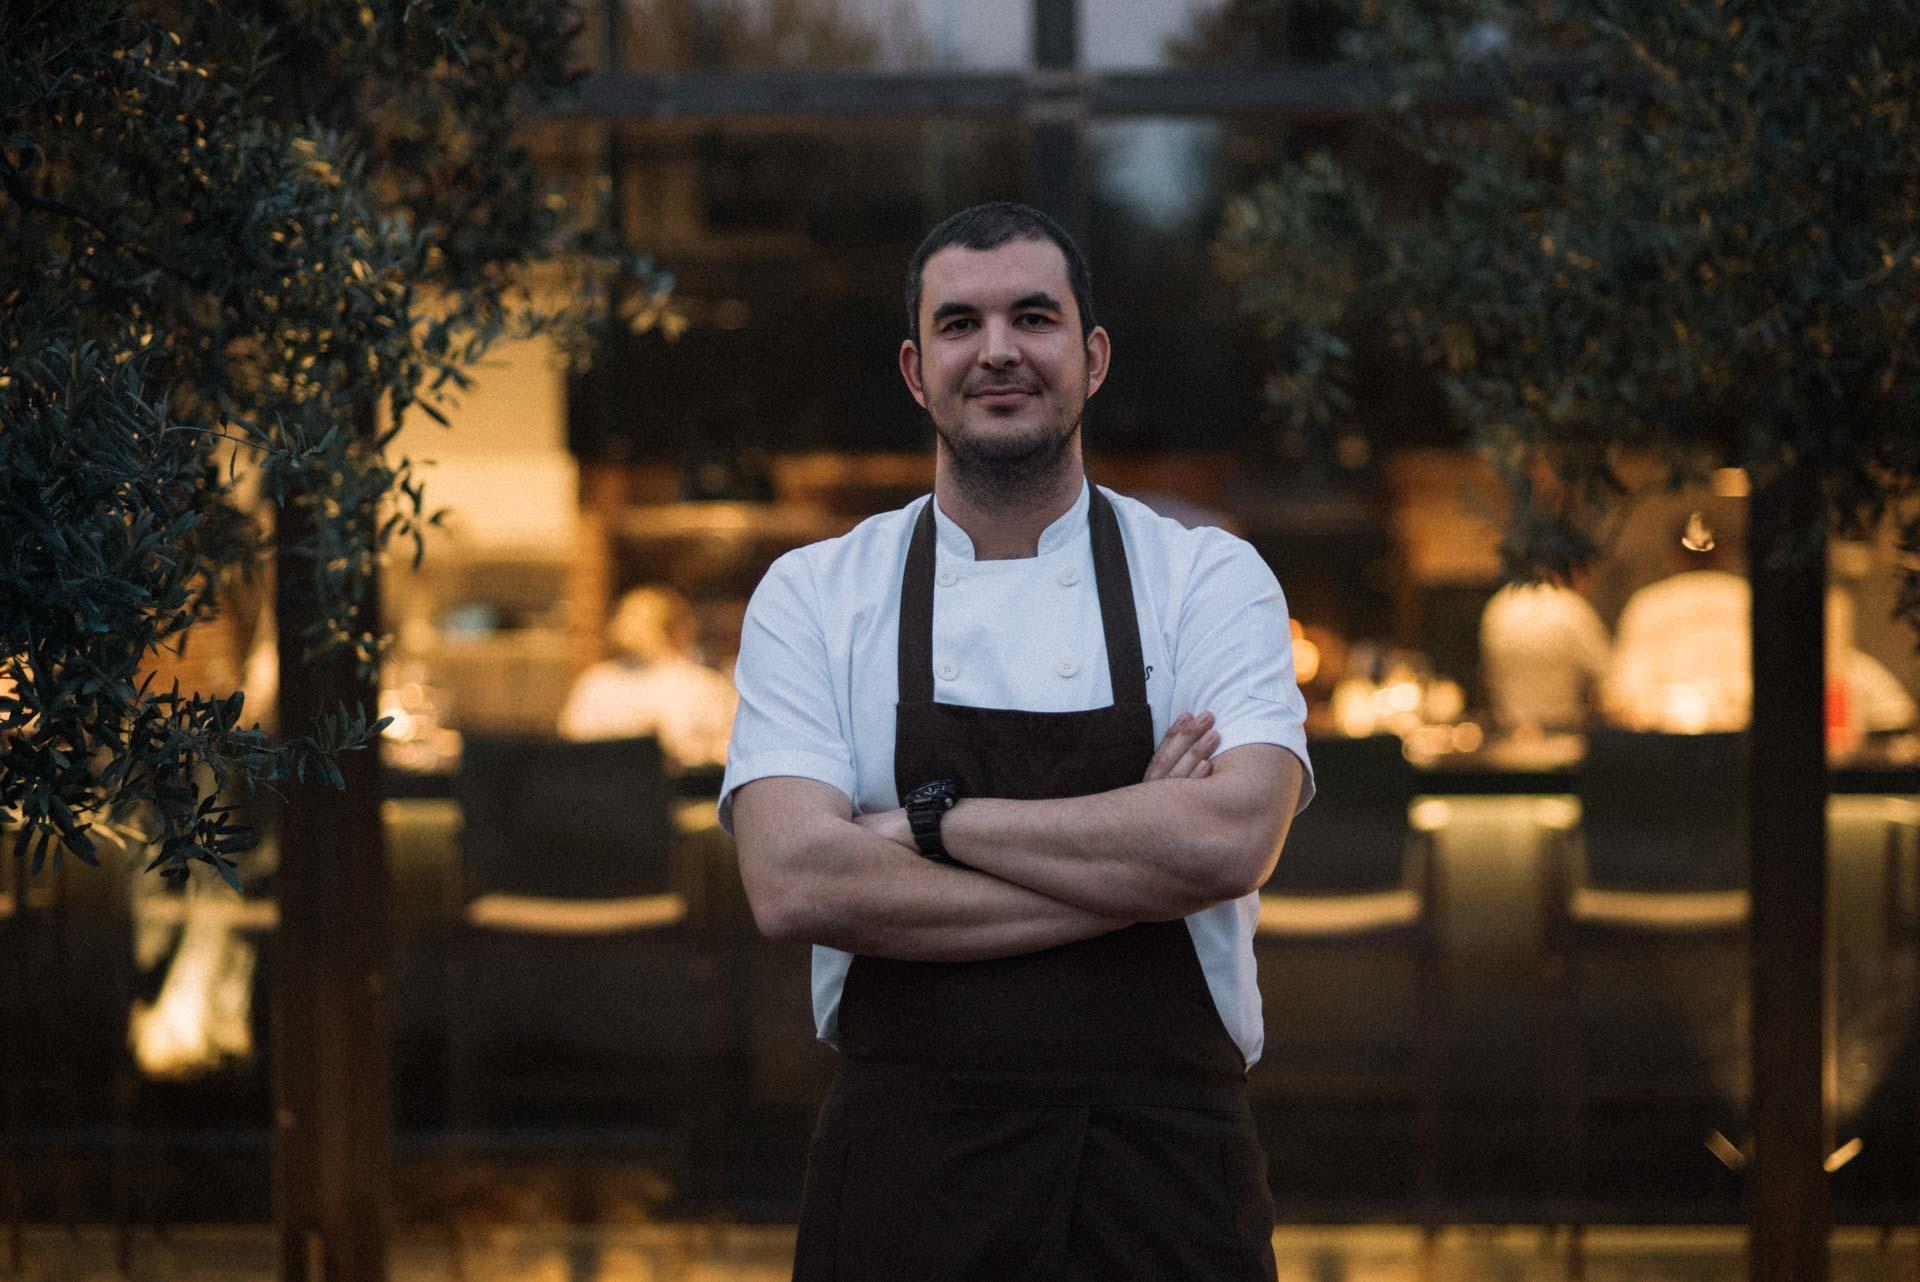 OD Urla - portrait of the OD Urla's chef